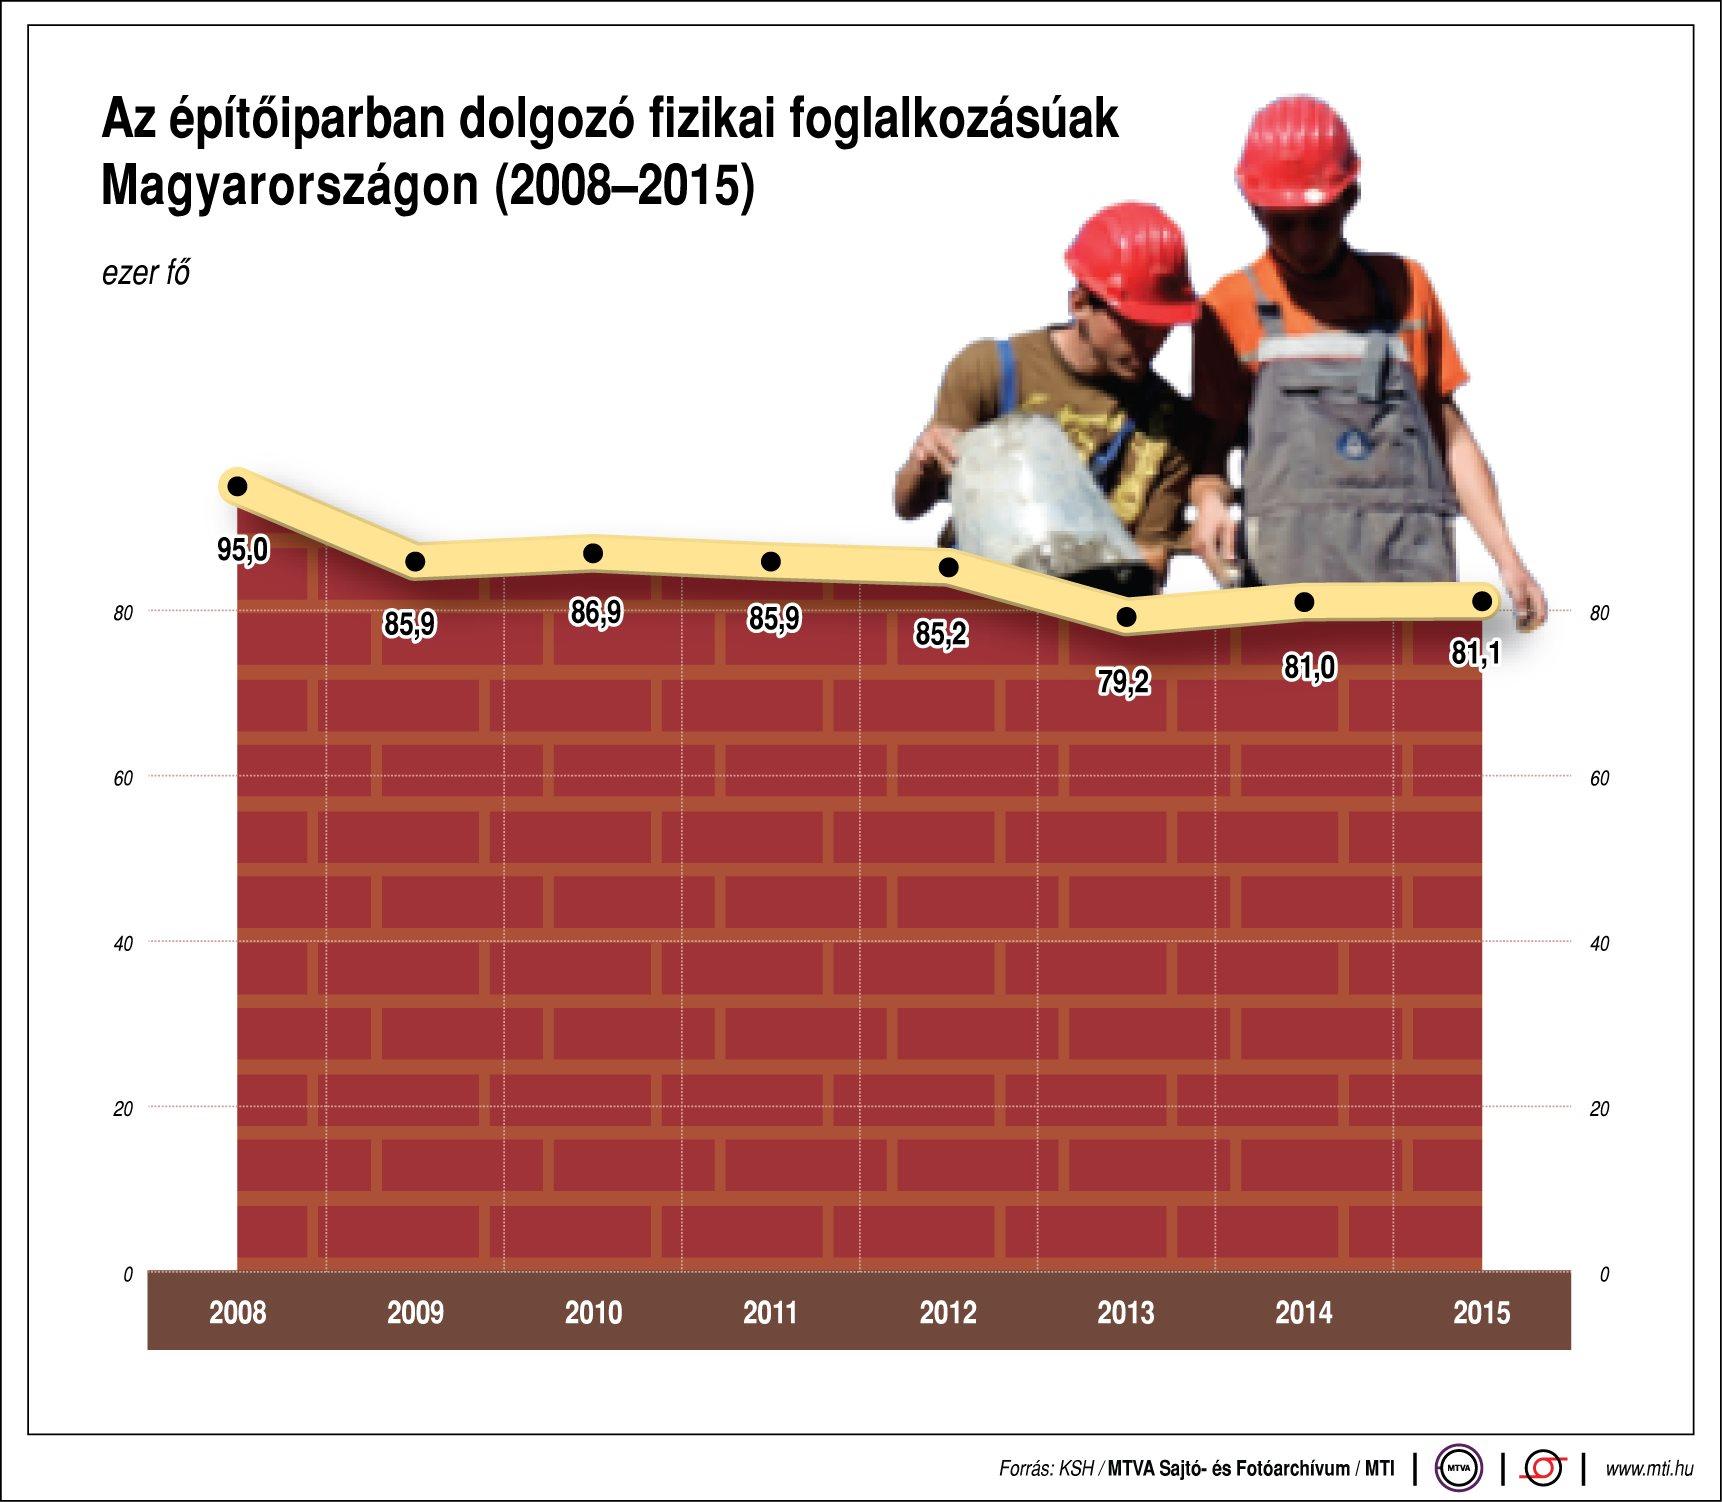 Az építőiparban dolgozó fizikai foglalkozásúak Magyarországon - egy ábrán